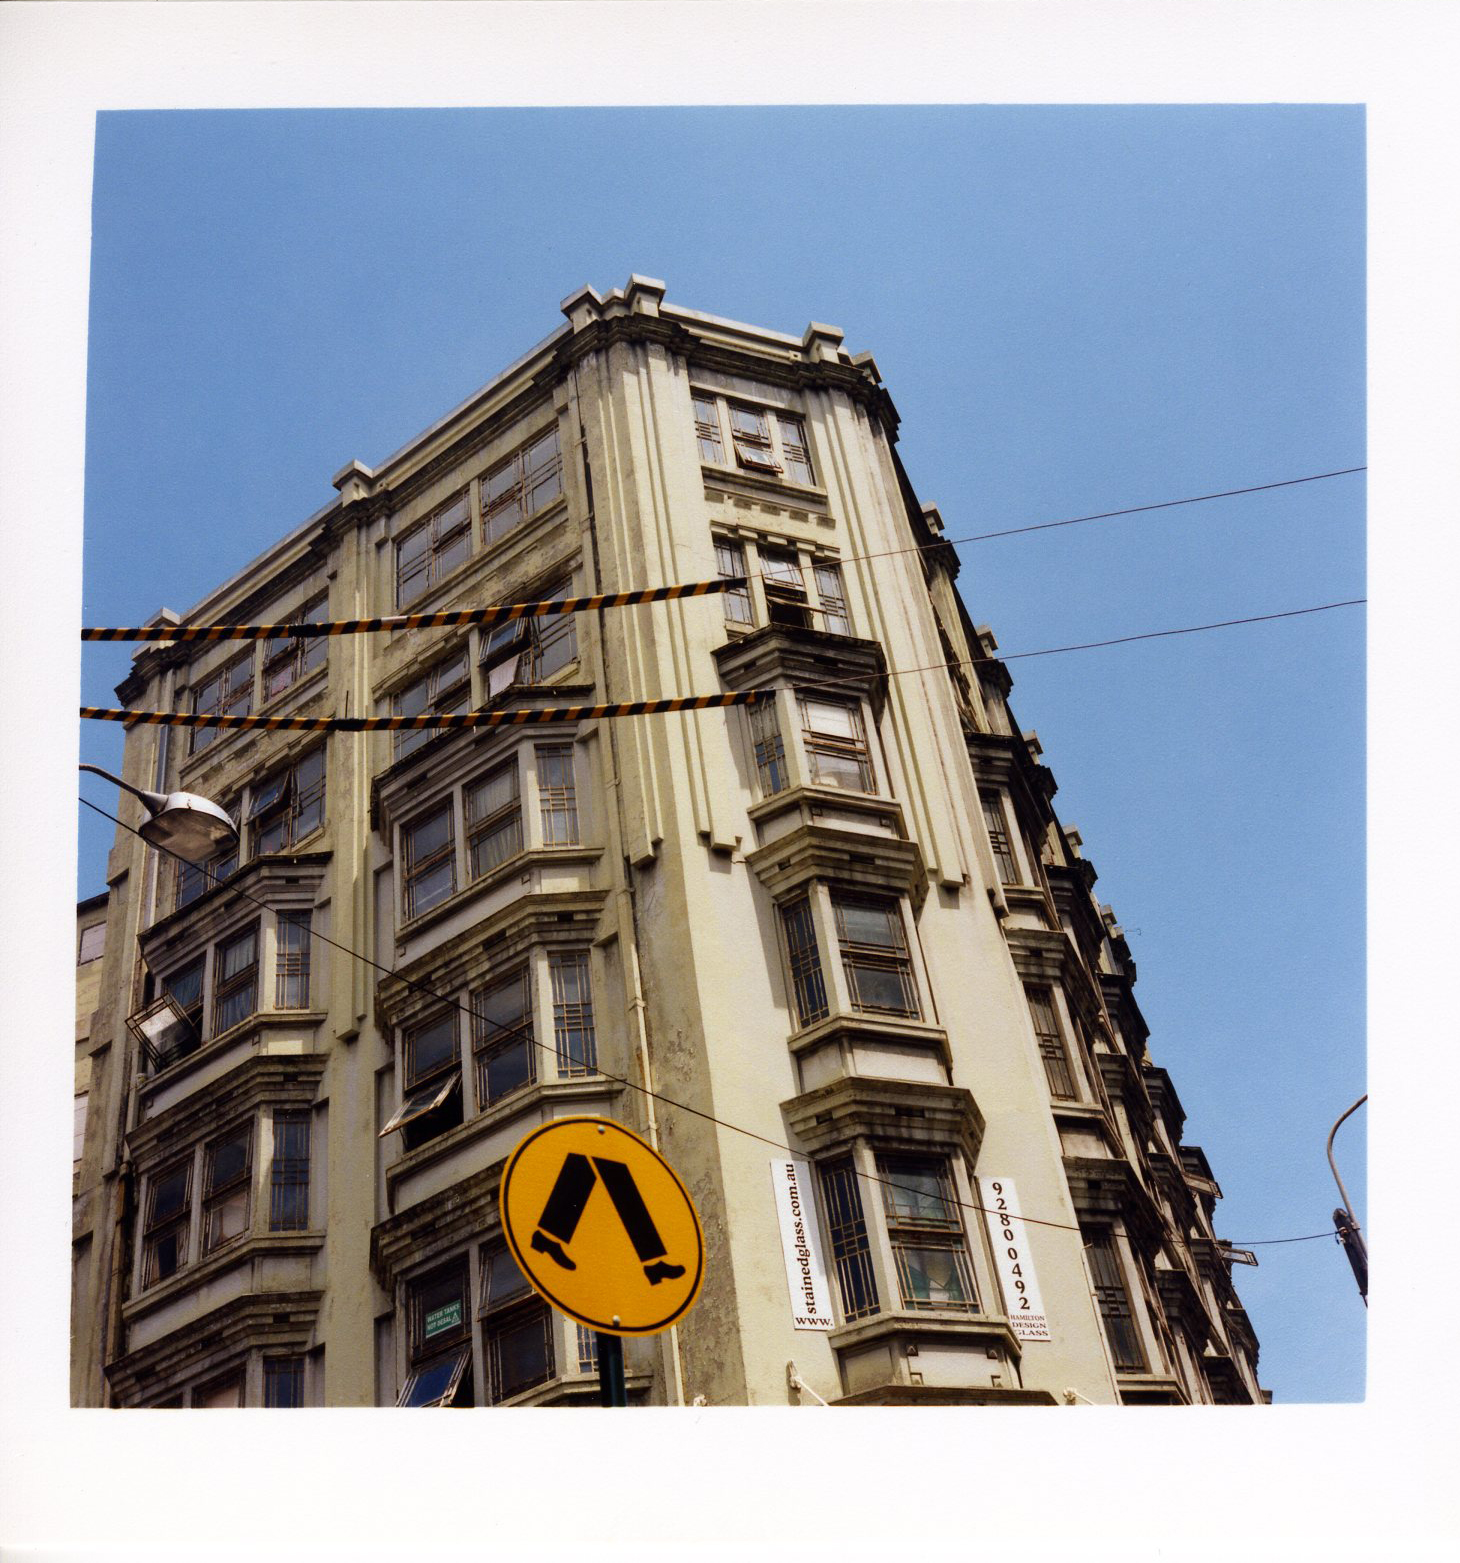 Kodak 400VC - Europe+Portland #4.jpg